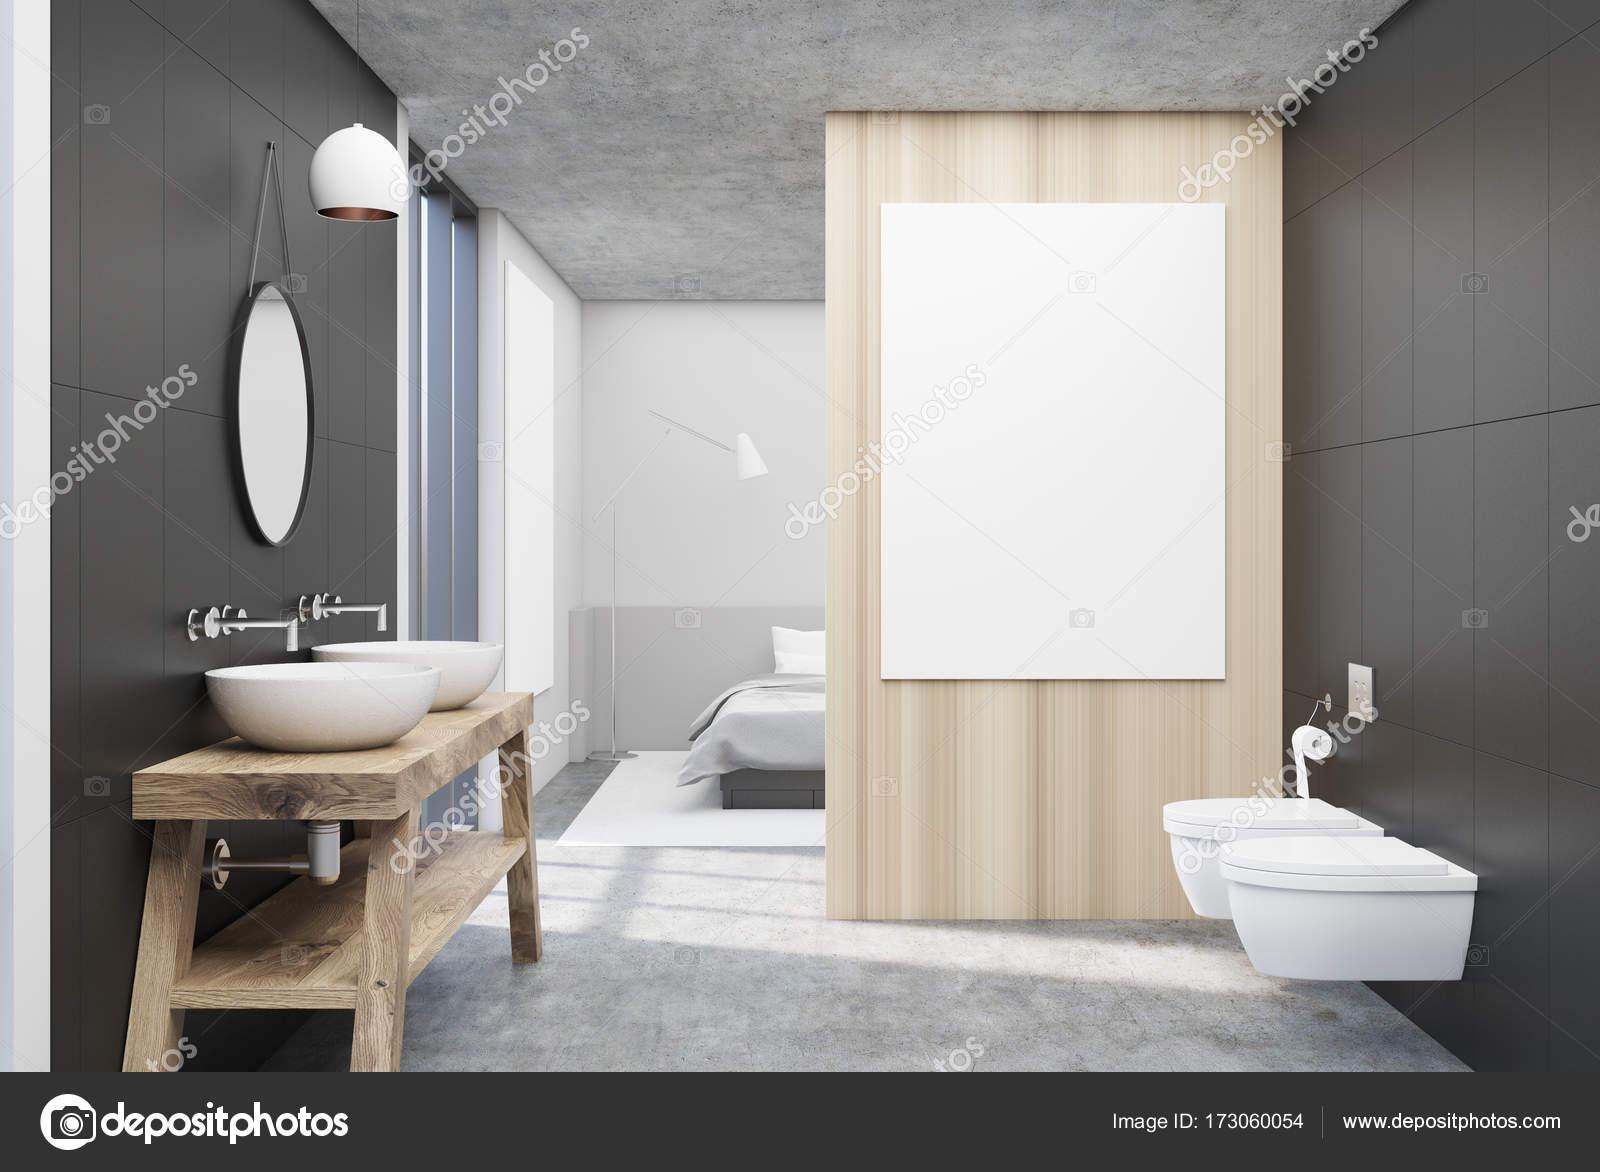 Ronde Spiegel Badkamer : Grijze badkamer met een ronde spiegel u stockfoto denisismagilov